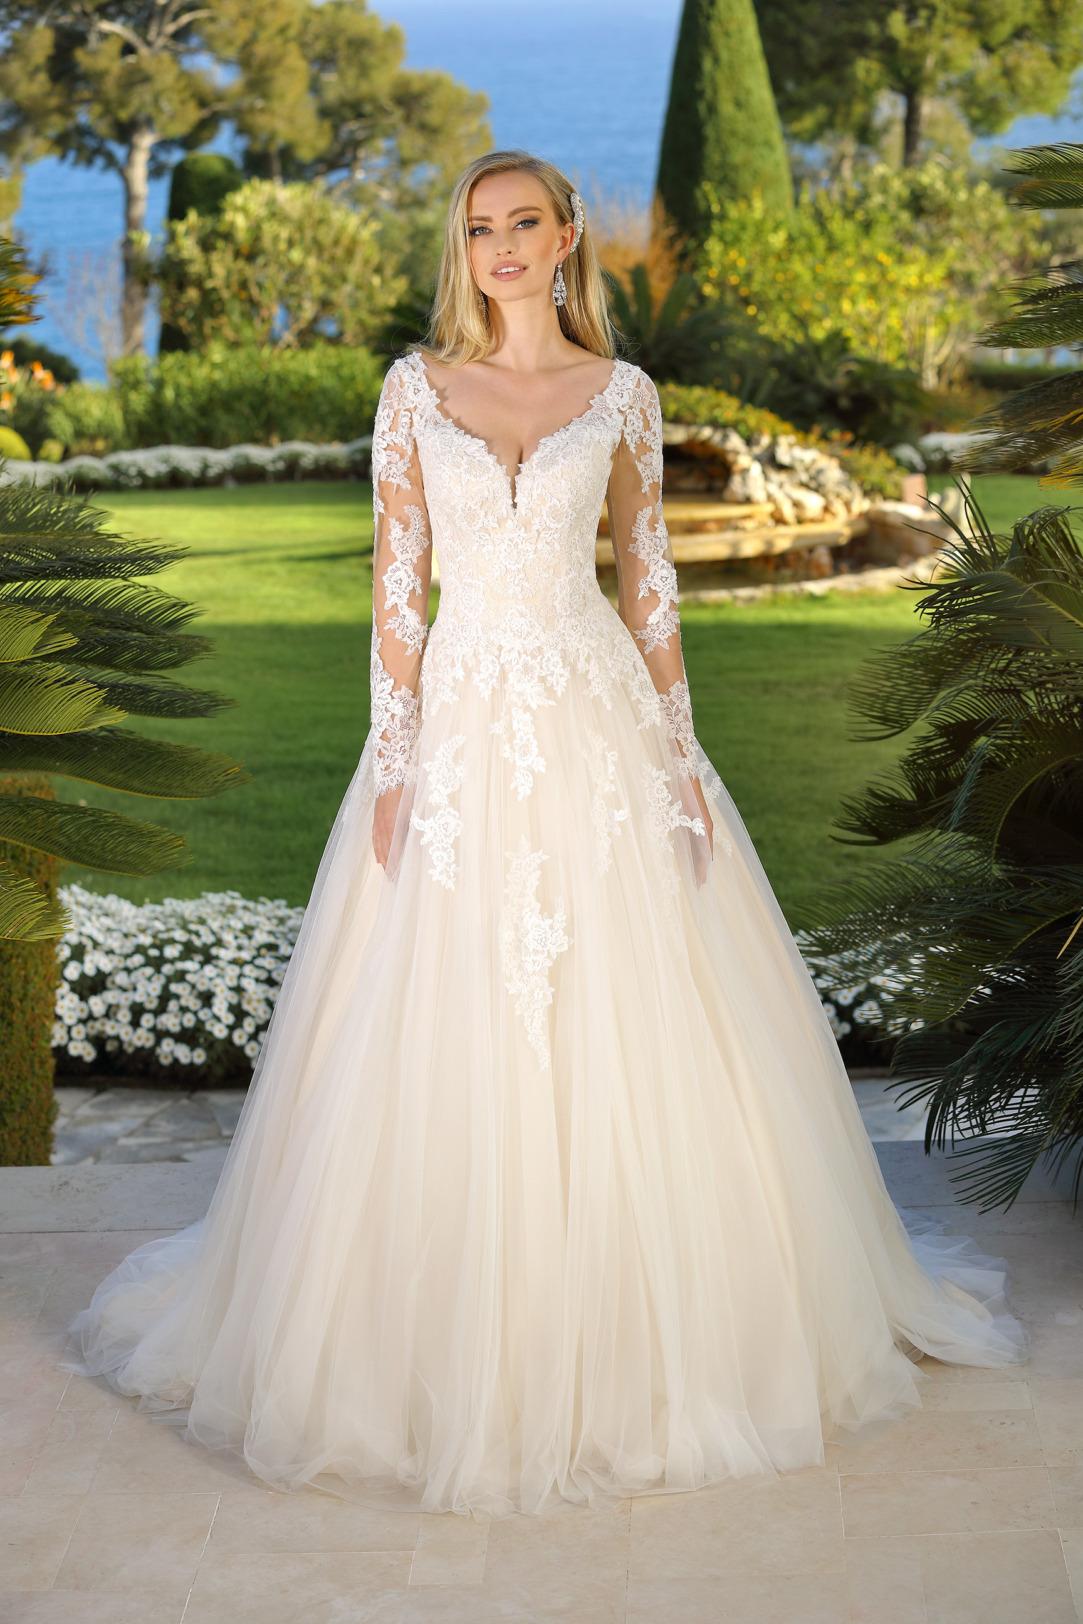 Brautkleid Hochzeitskleid im Prinzessinnen Stil von Ladybird Modell 421067 mit großem V Ausschnitt und langem Arm mit feinsten Spitzen Applikationen all over und weitem Tüll Rock